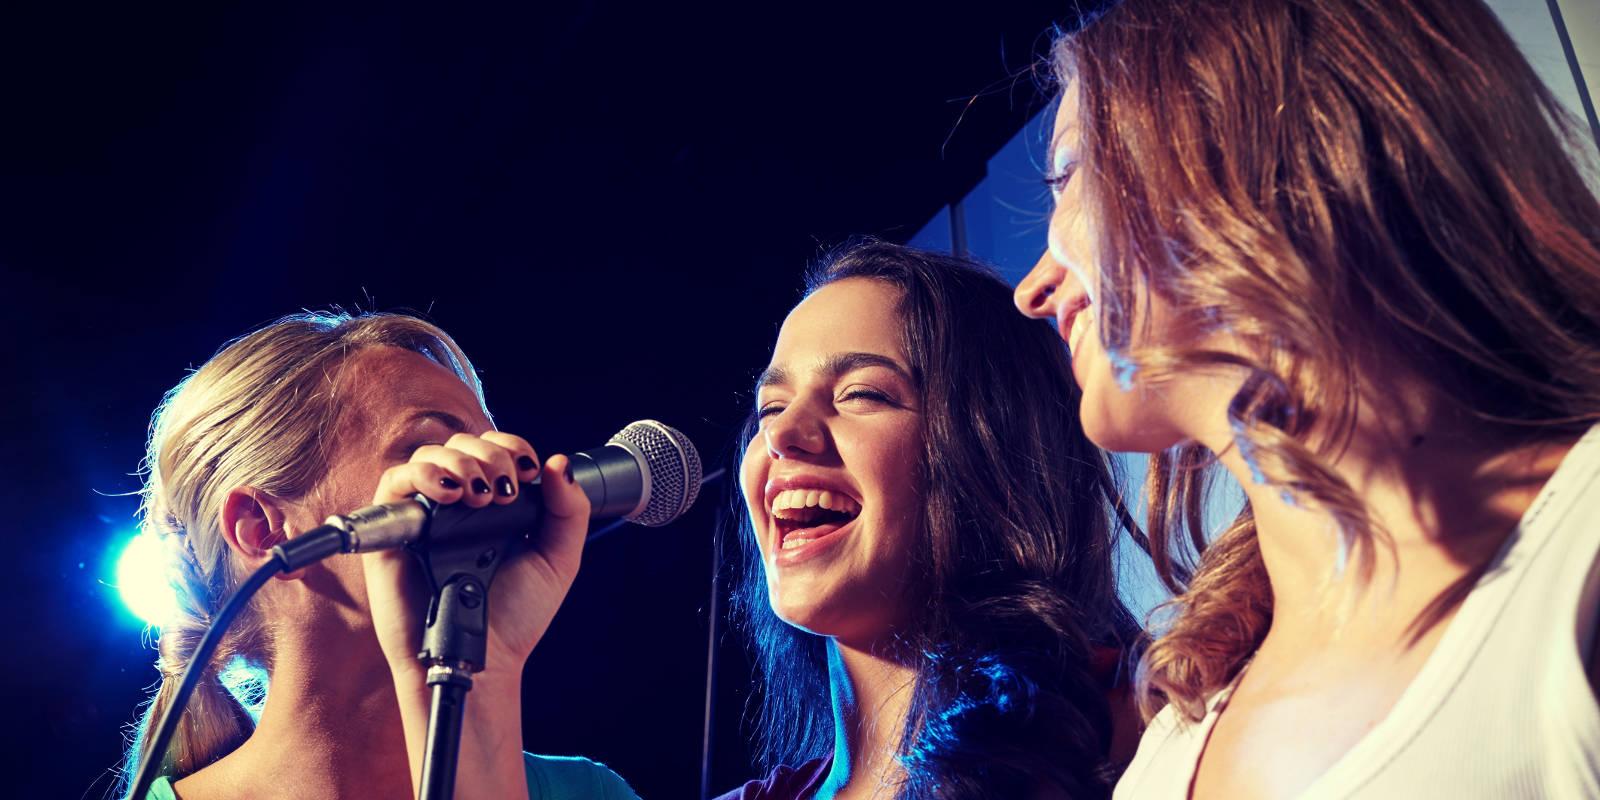 Three girls singing karaoke